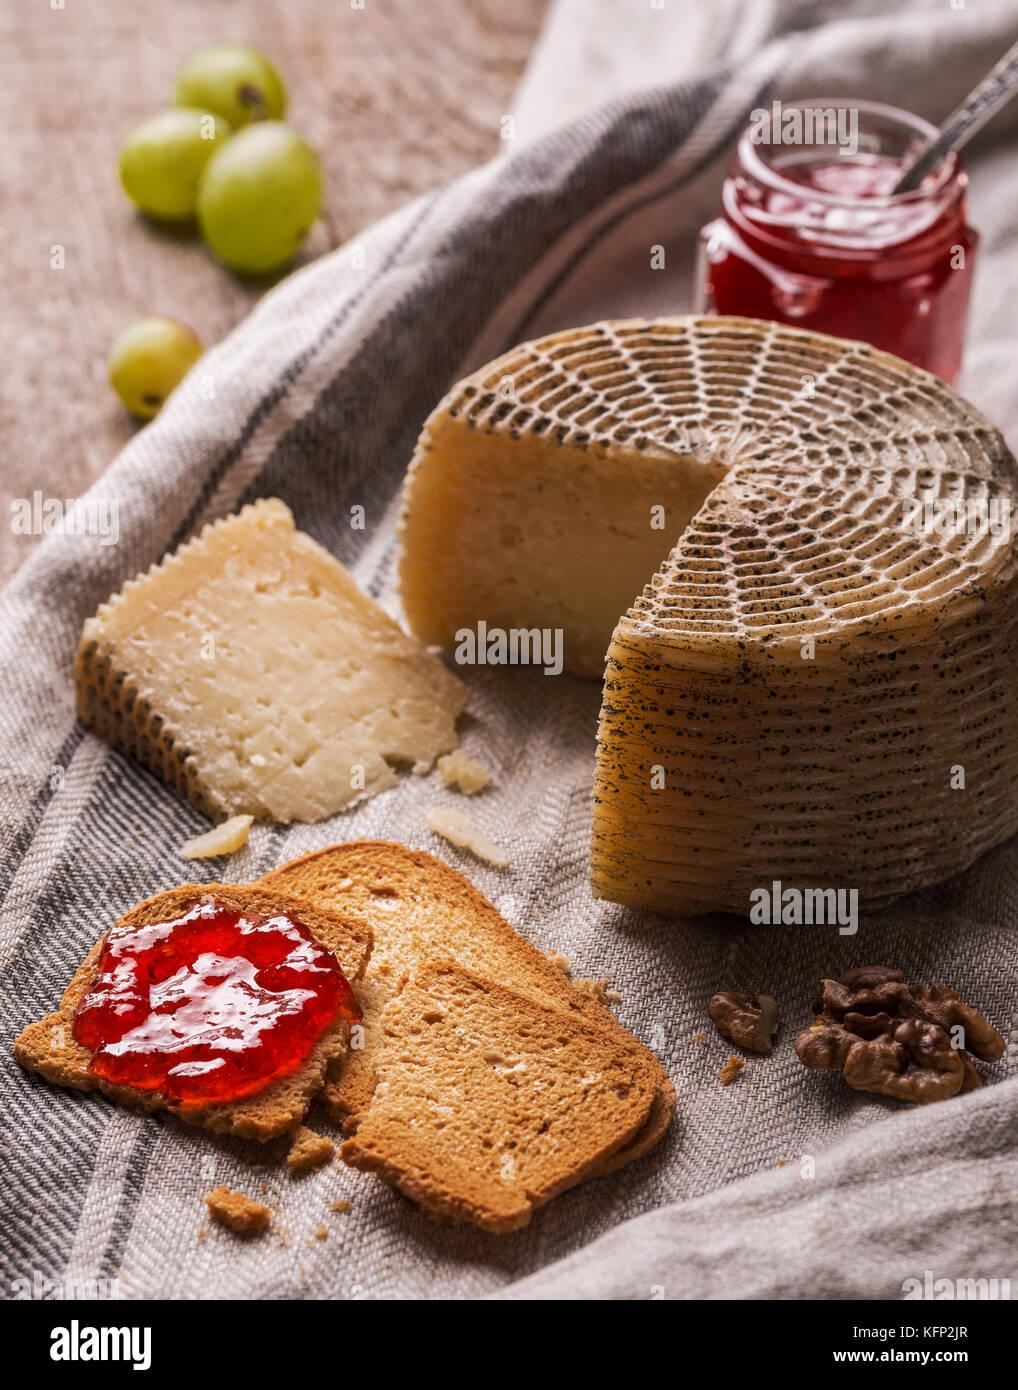 Ancora vita con formaggio di capra, fette di pane e marmellata Immagini Stock